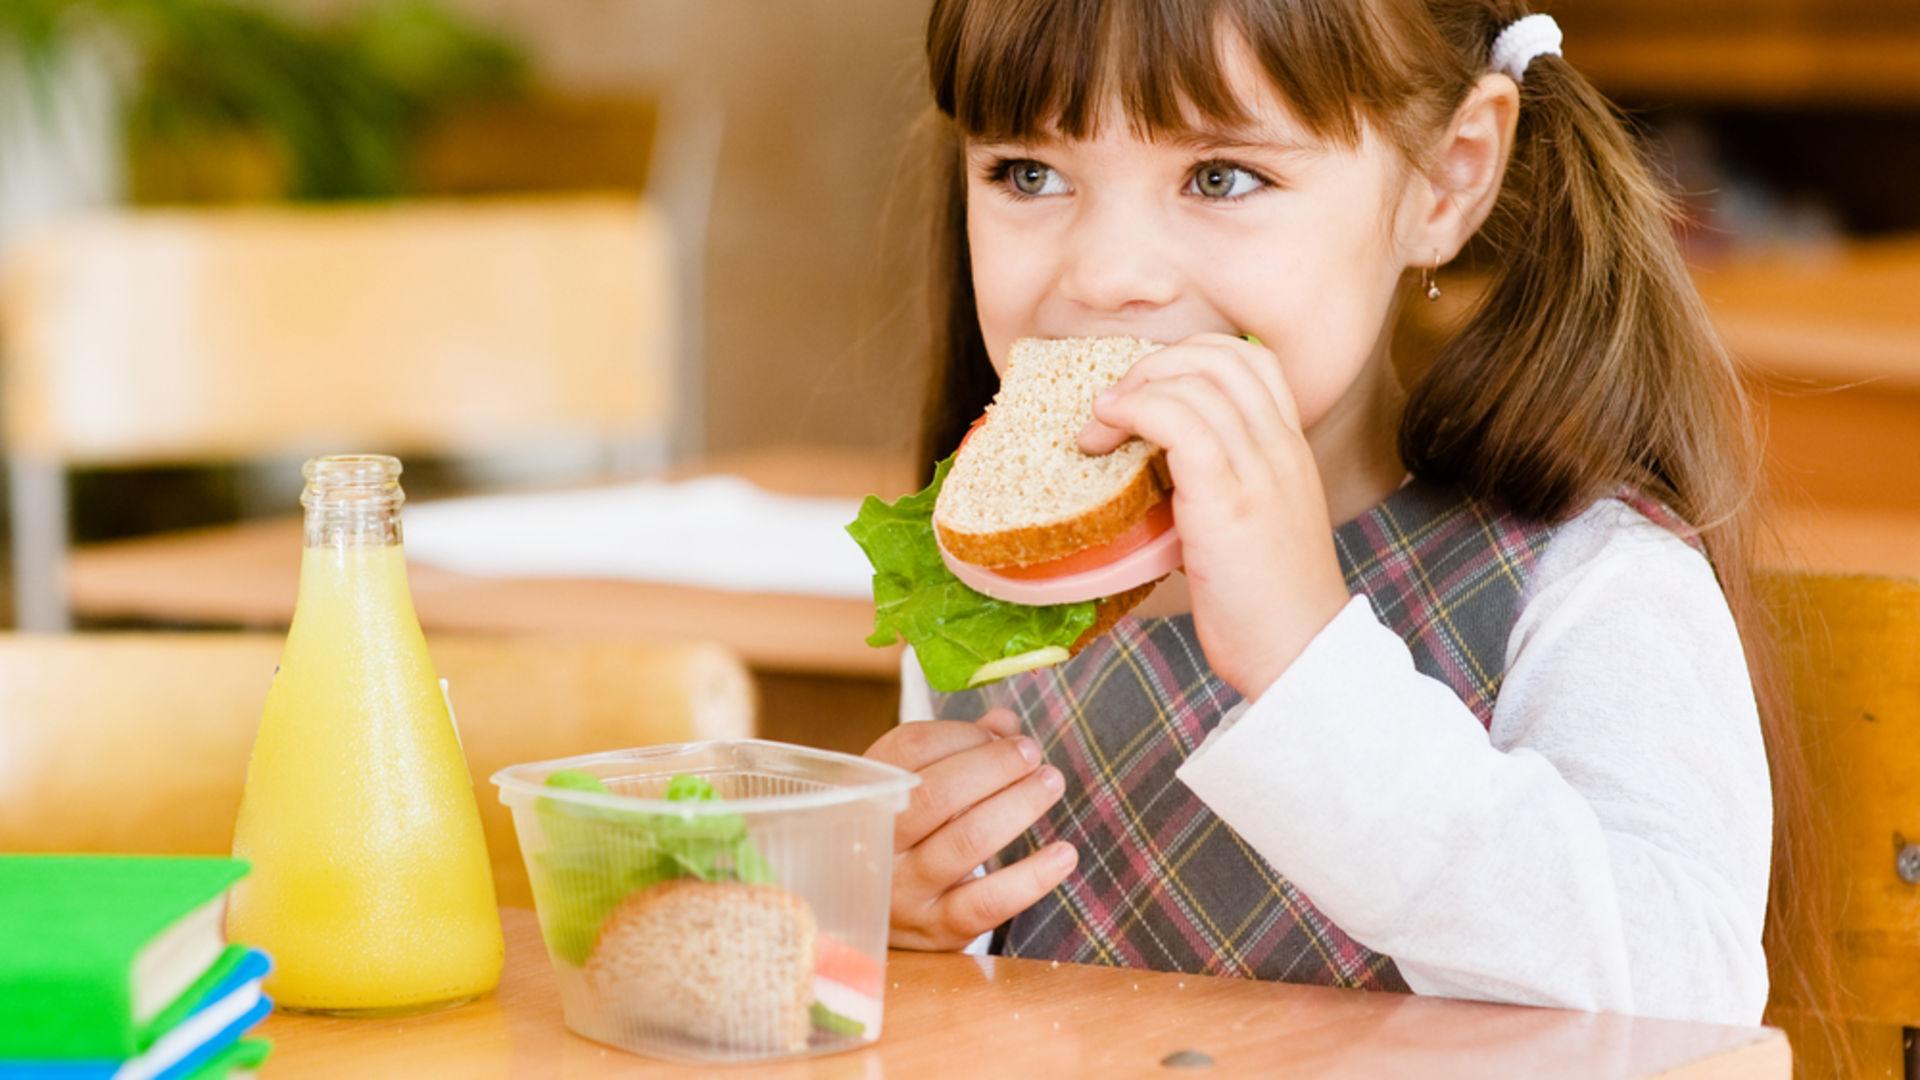 Çocuk beslenmesinde en çok yapılan 7 yanlış